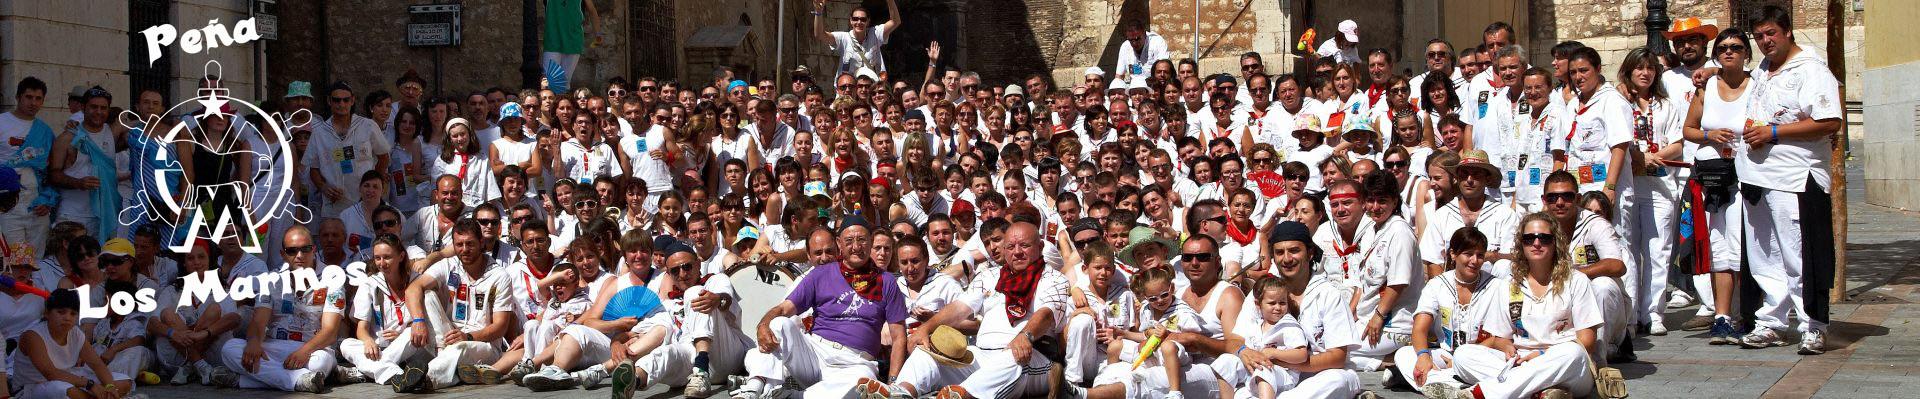 Peña Los Marinos de Teruel